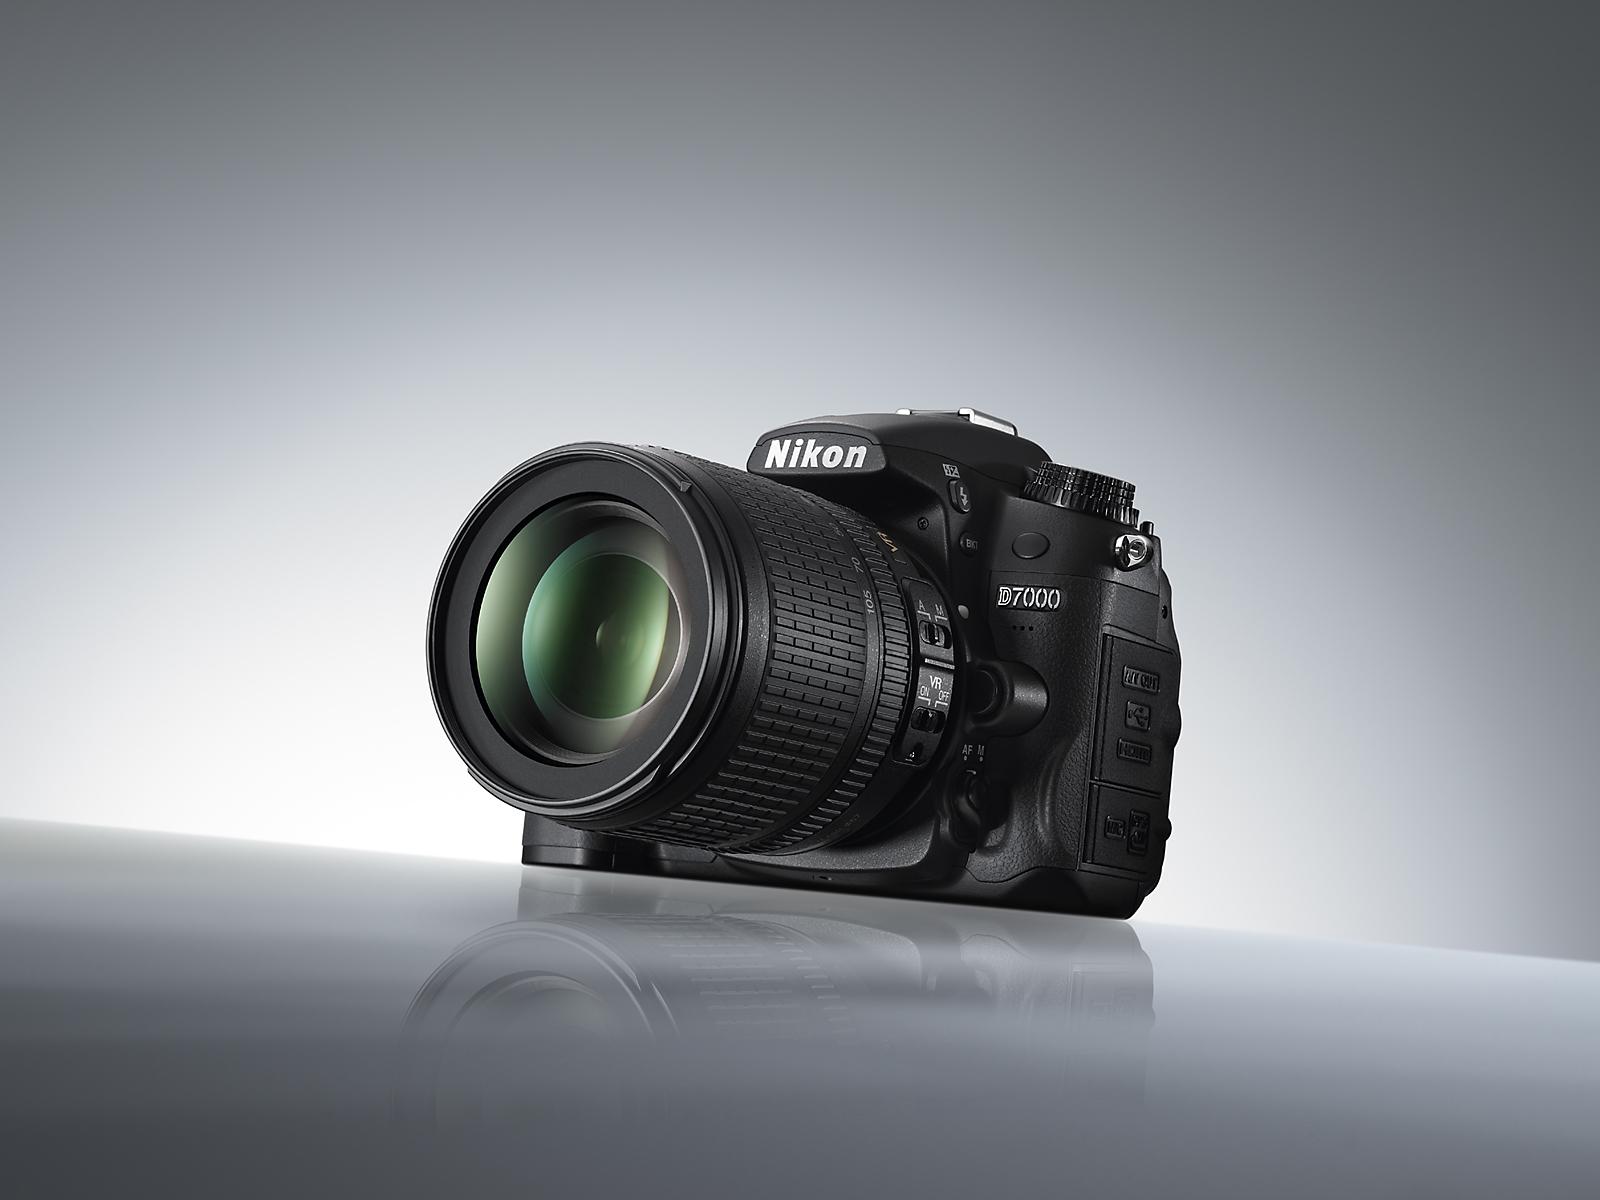 Nikon D7000 - 13